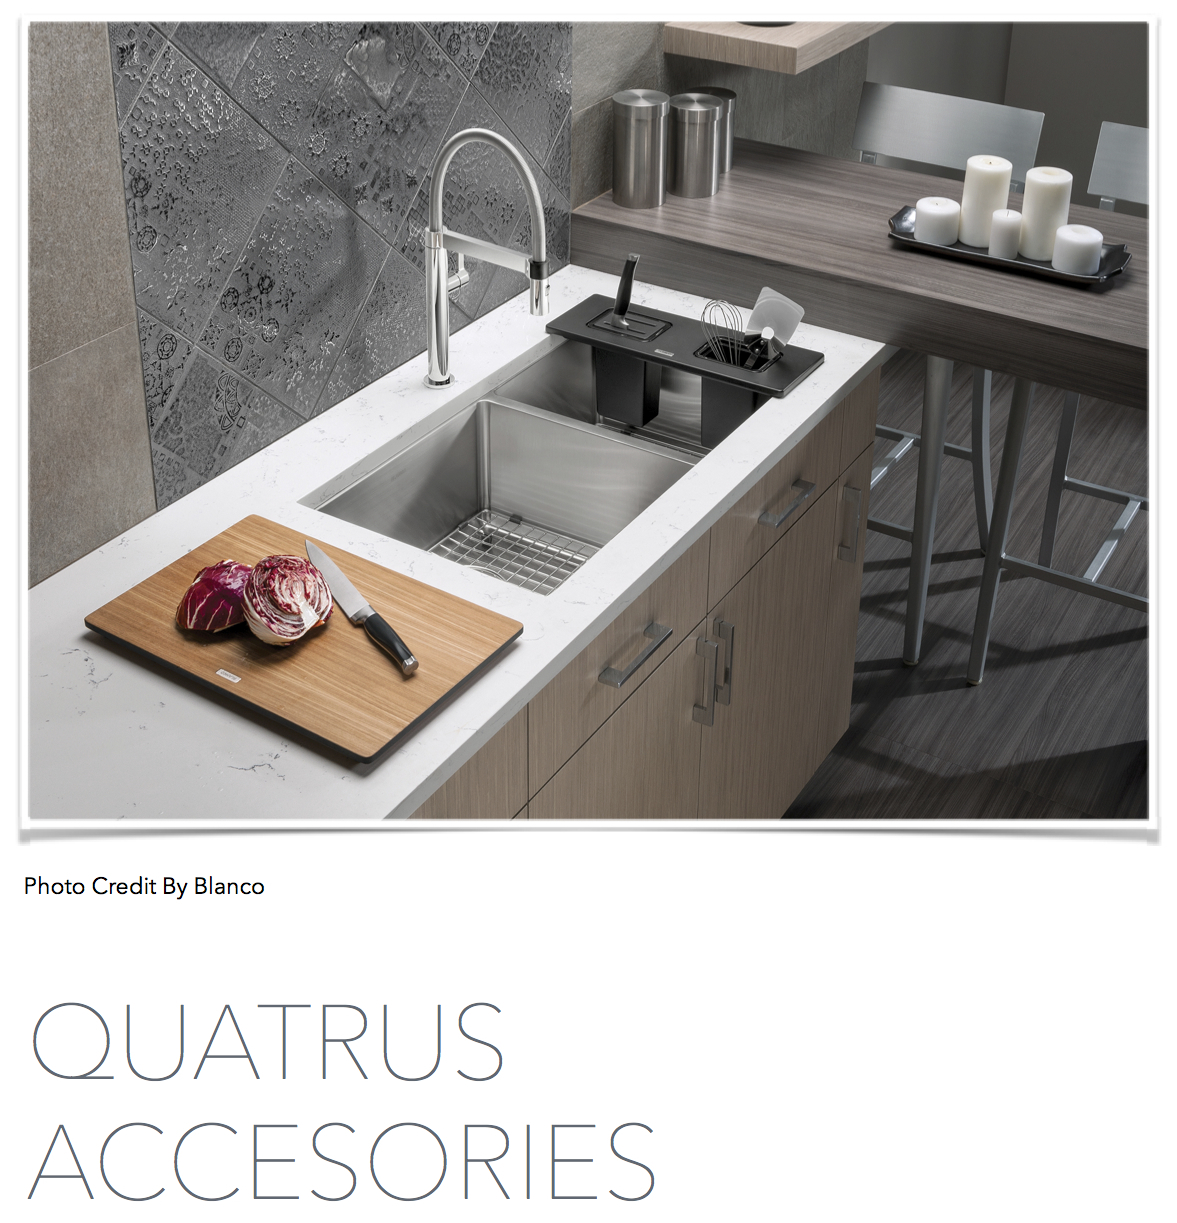 Quatrus Accessories